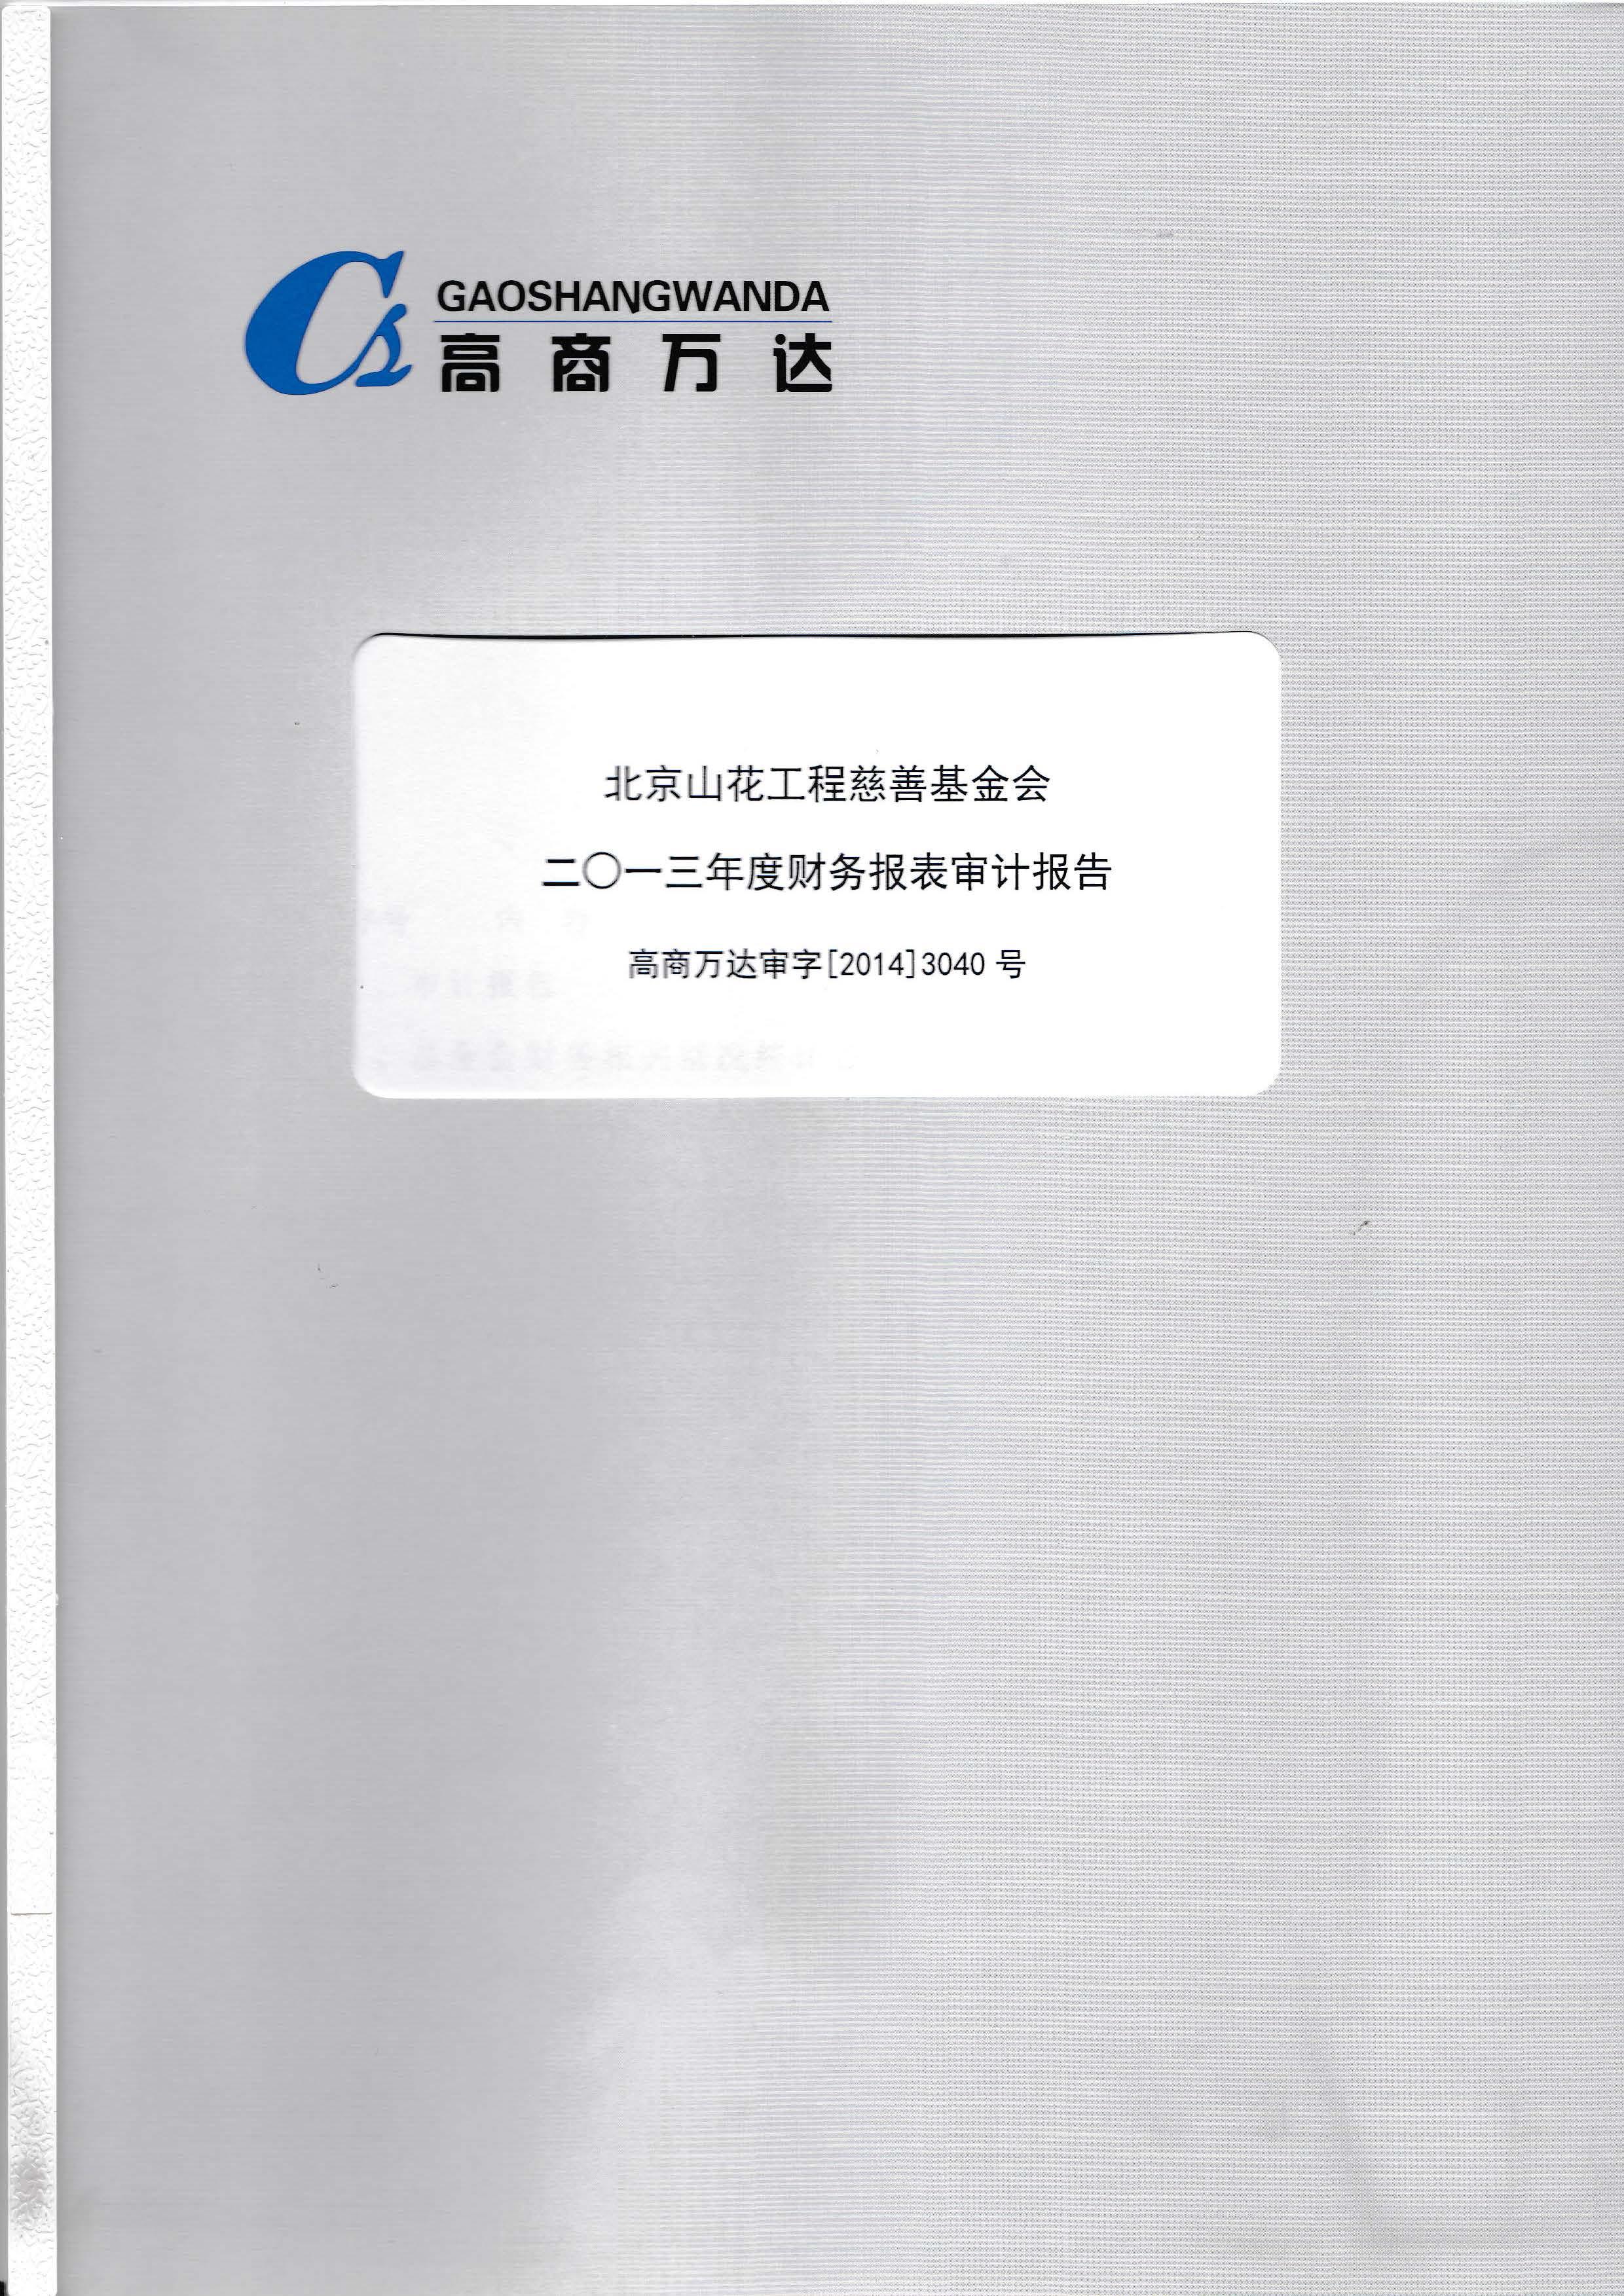 2013审计报告_页面_01